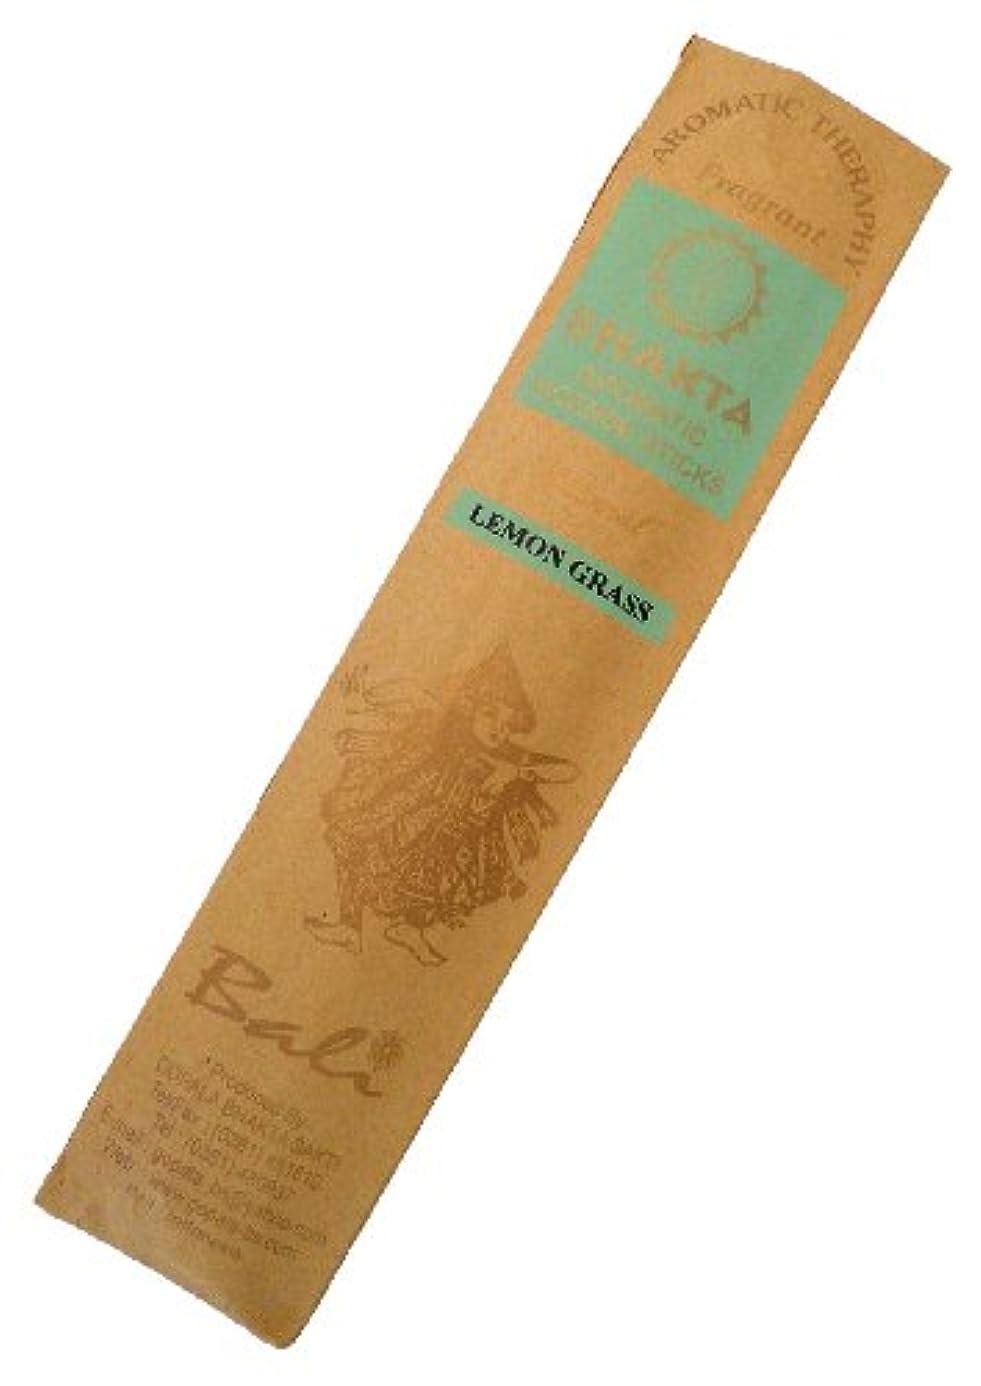 ホイットニーあいまいな応答お香 BHAKTA ナチュラル スティック 香(レモングラス)ロングタイプ インセンス[アロマセラピー 癒し リラックス 雰囲気作り]インドネシア・バリ島のお香